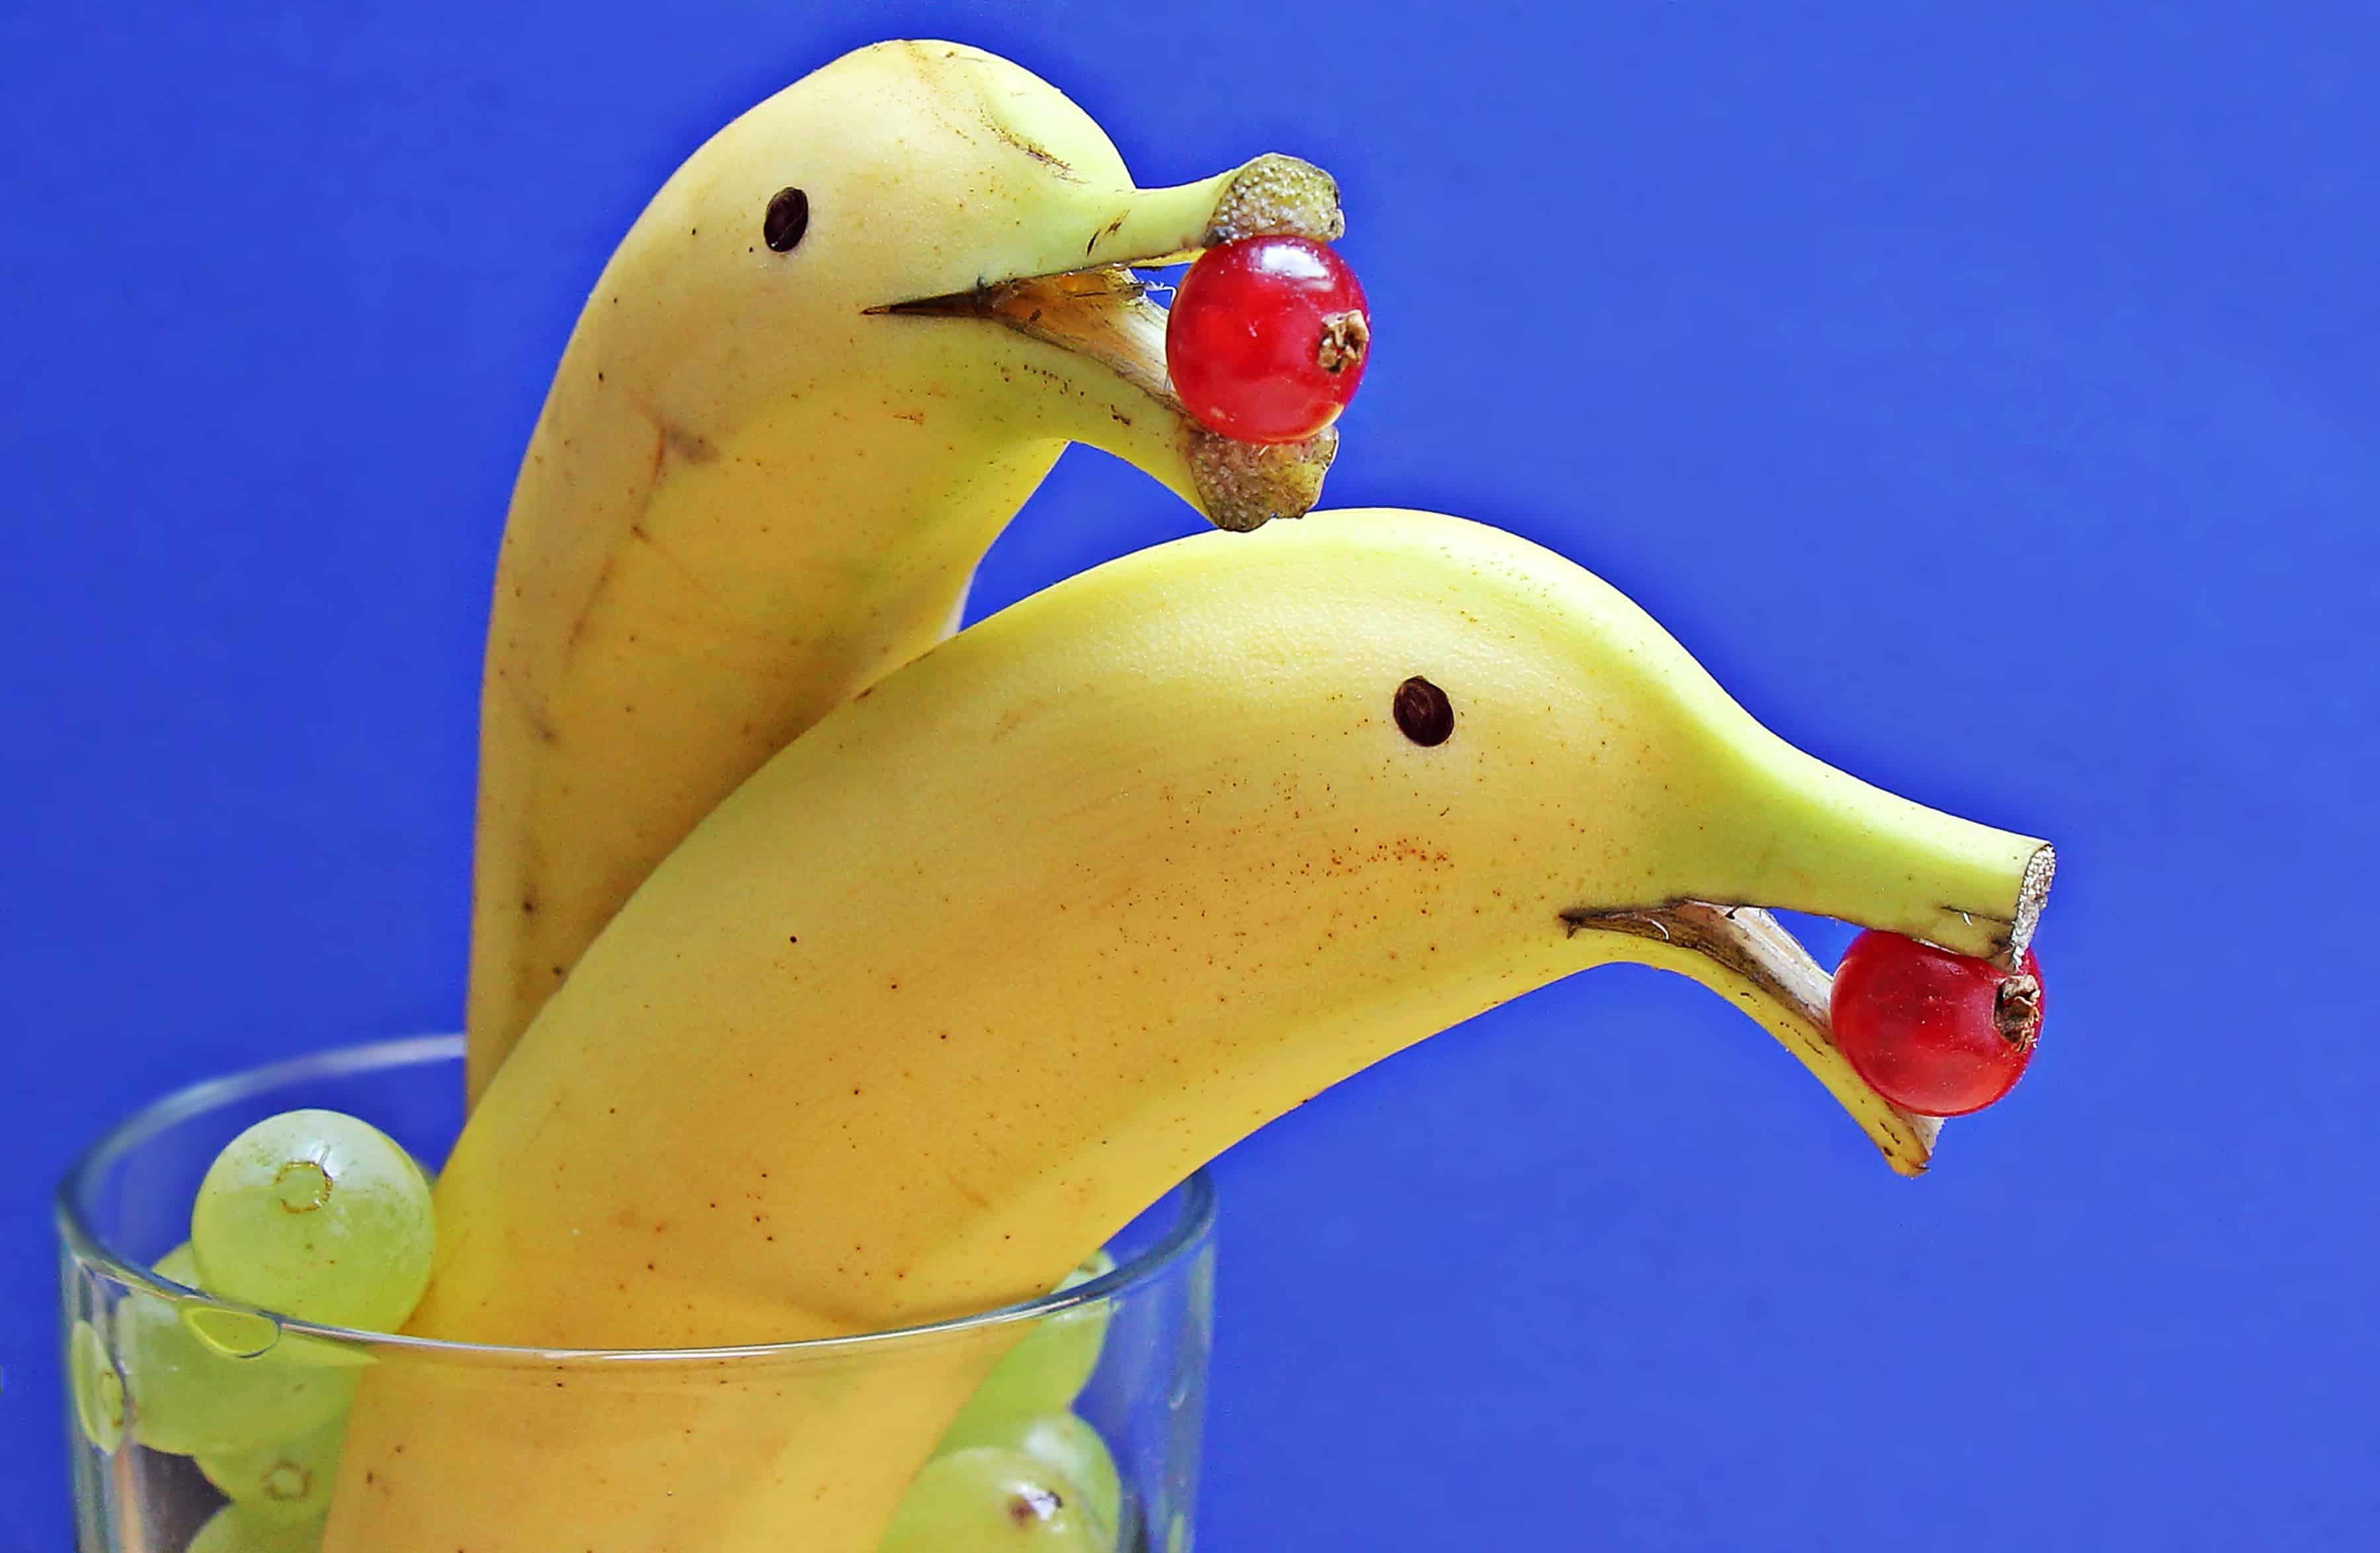 Картинки животных и фруктов